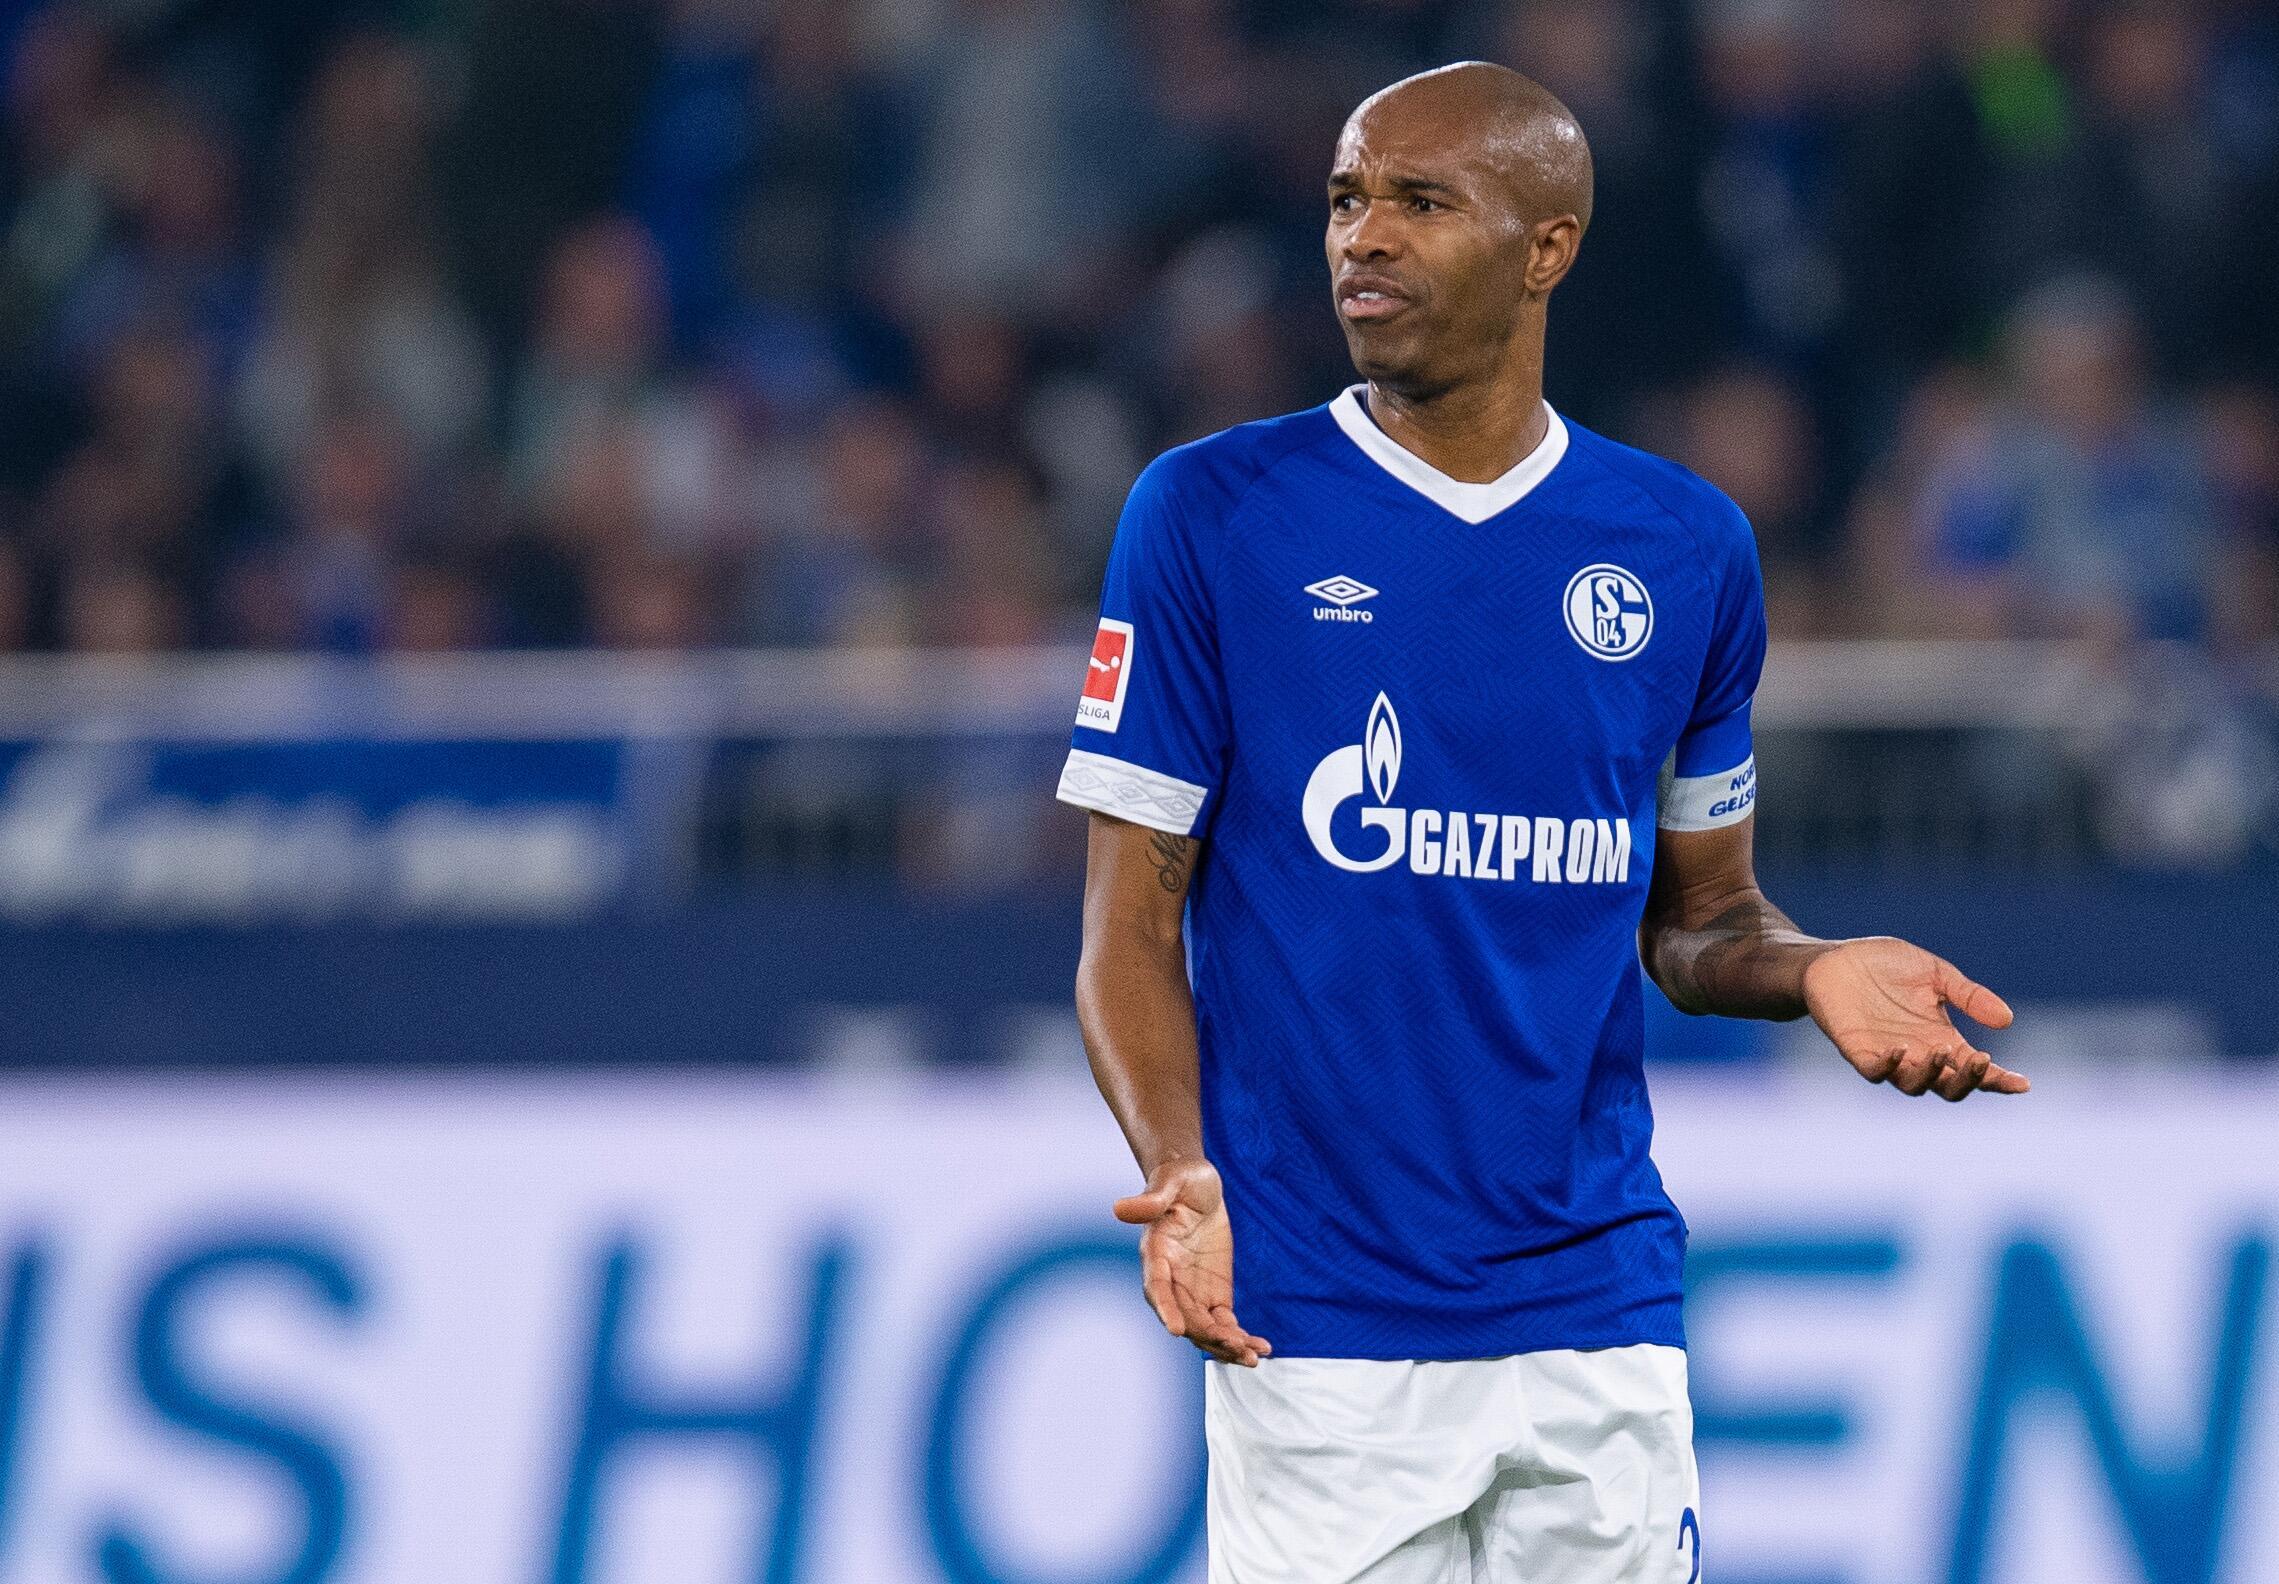 Bild zu Schalke, Naldo, Bundesliga, Wechsel, Monaco, Fußball